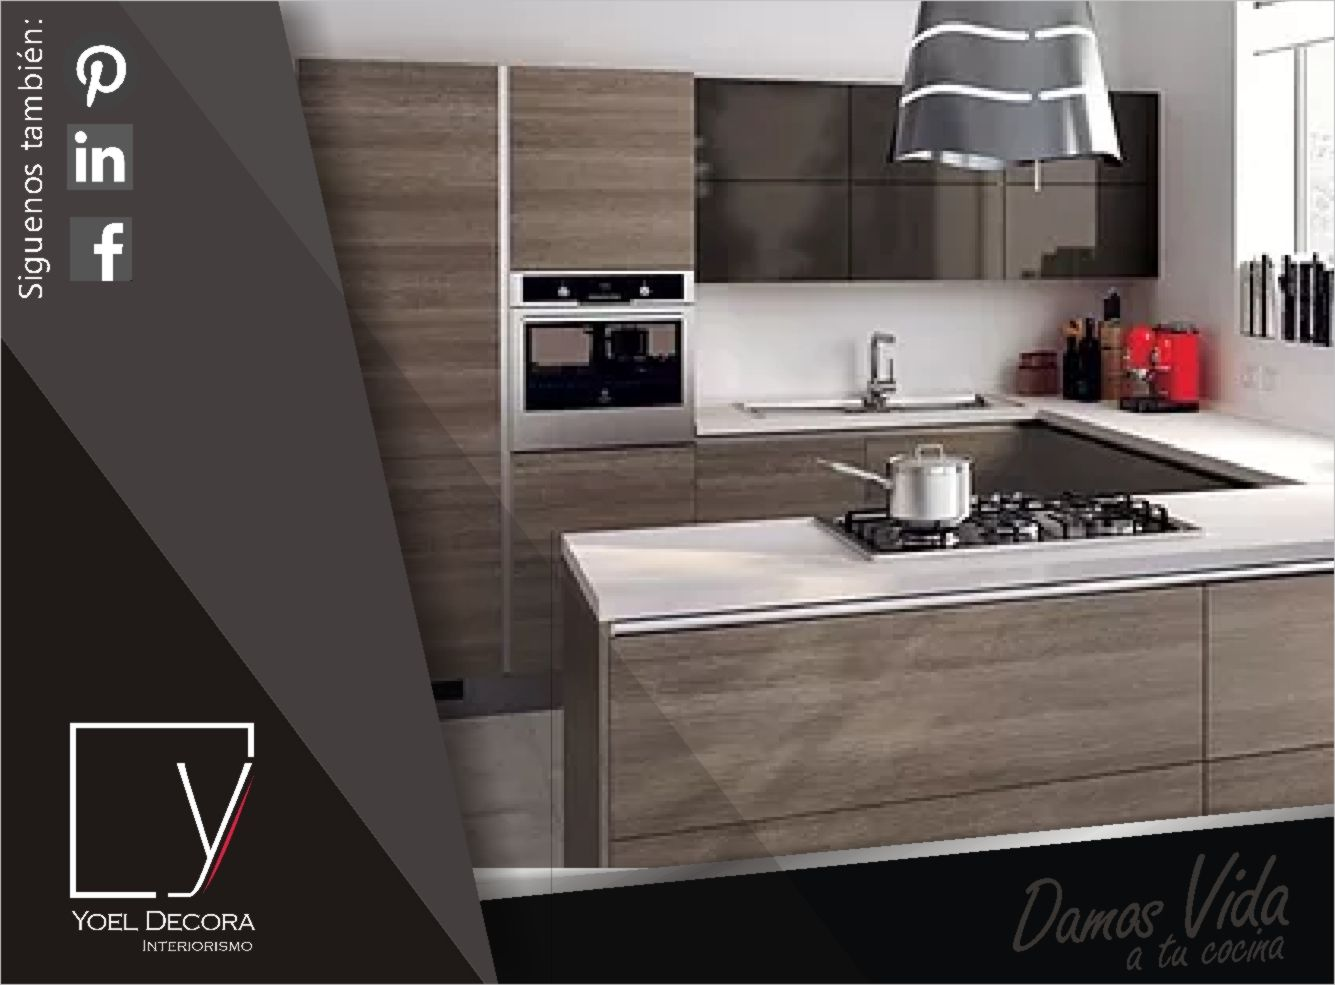 Programa de dise o de cocinas ikea gratis casa dise o for Diseno de cocinas ikea